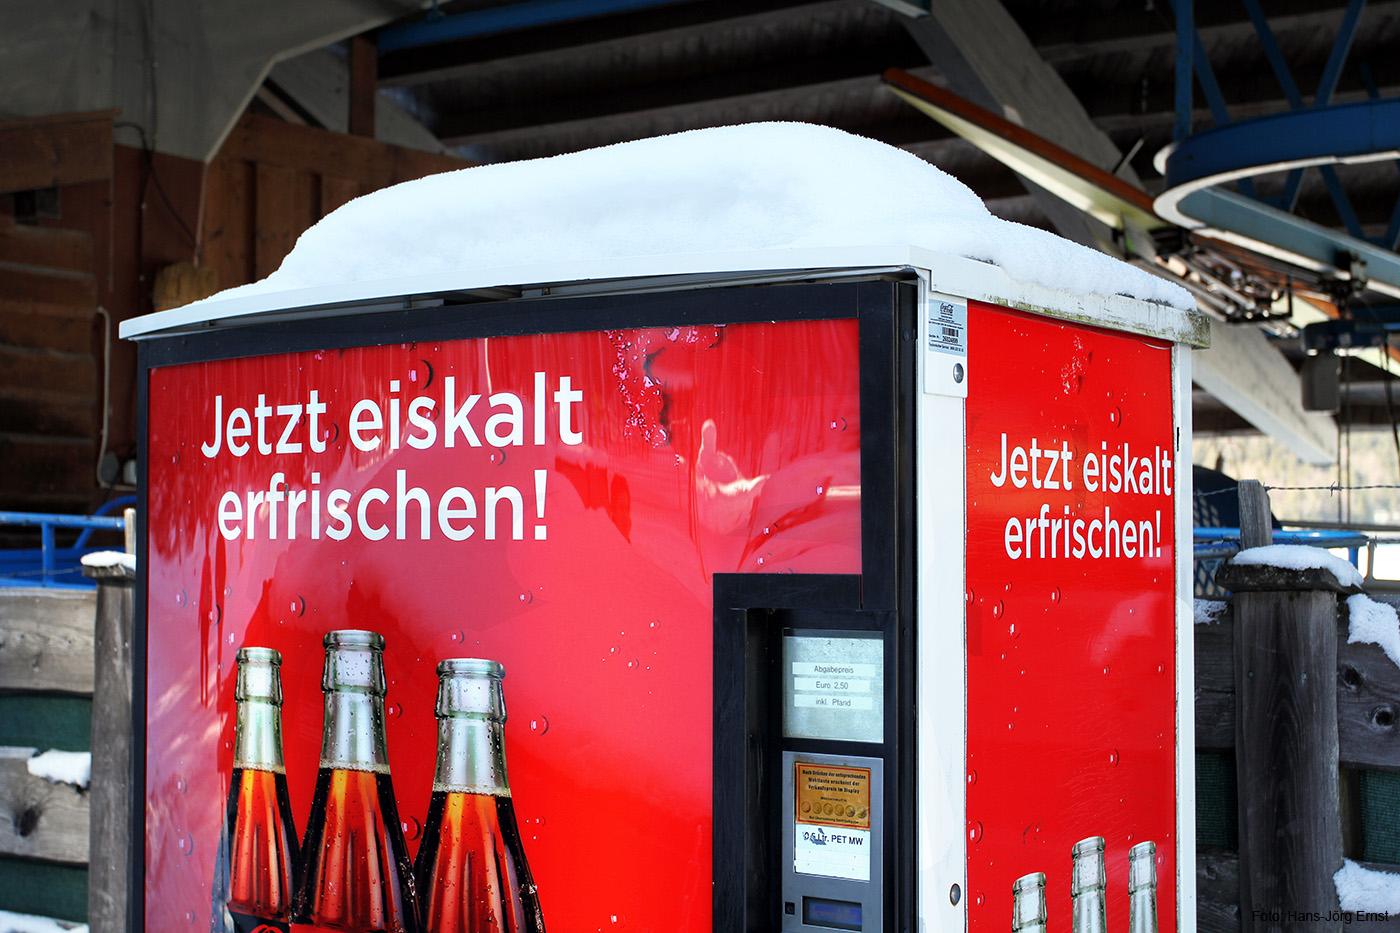 KÜHLUNG NICHT NOTWENDIG Der Getränkeautomat hat im Winter Pause.